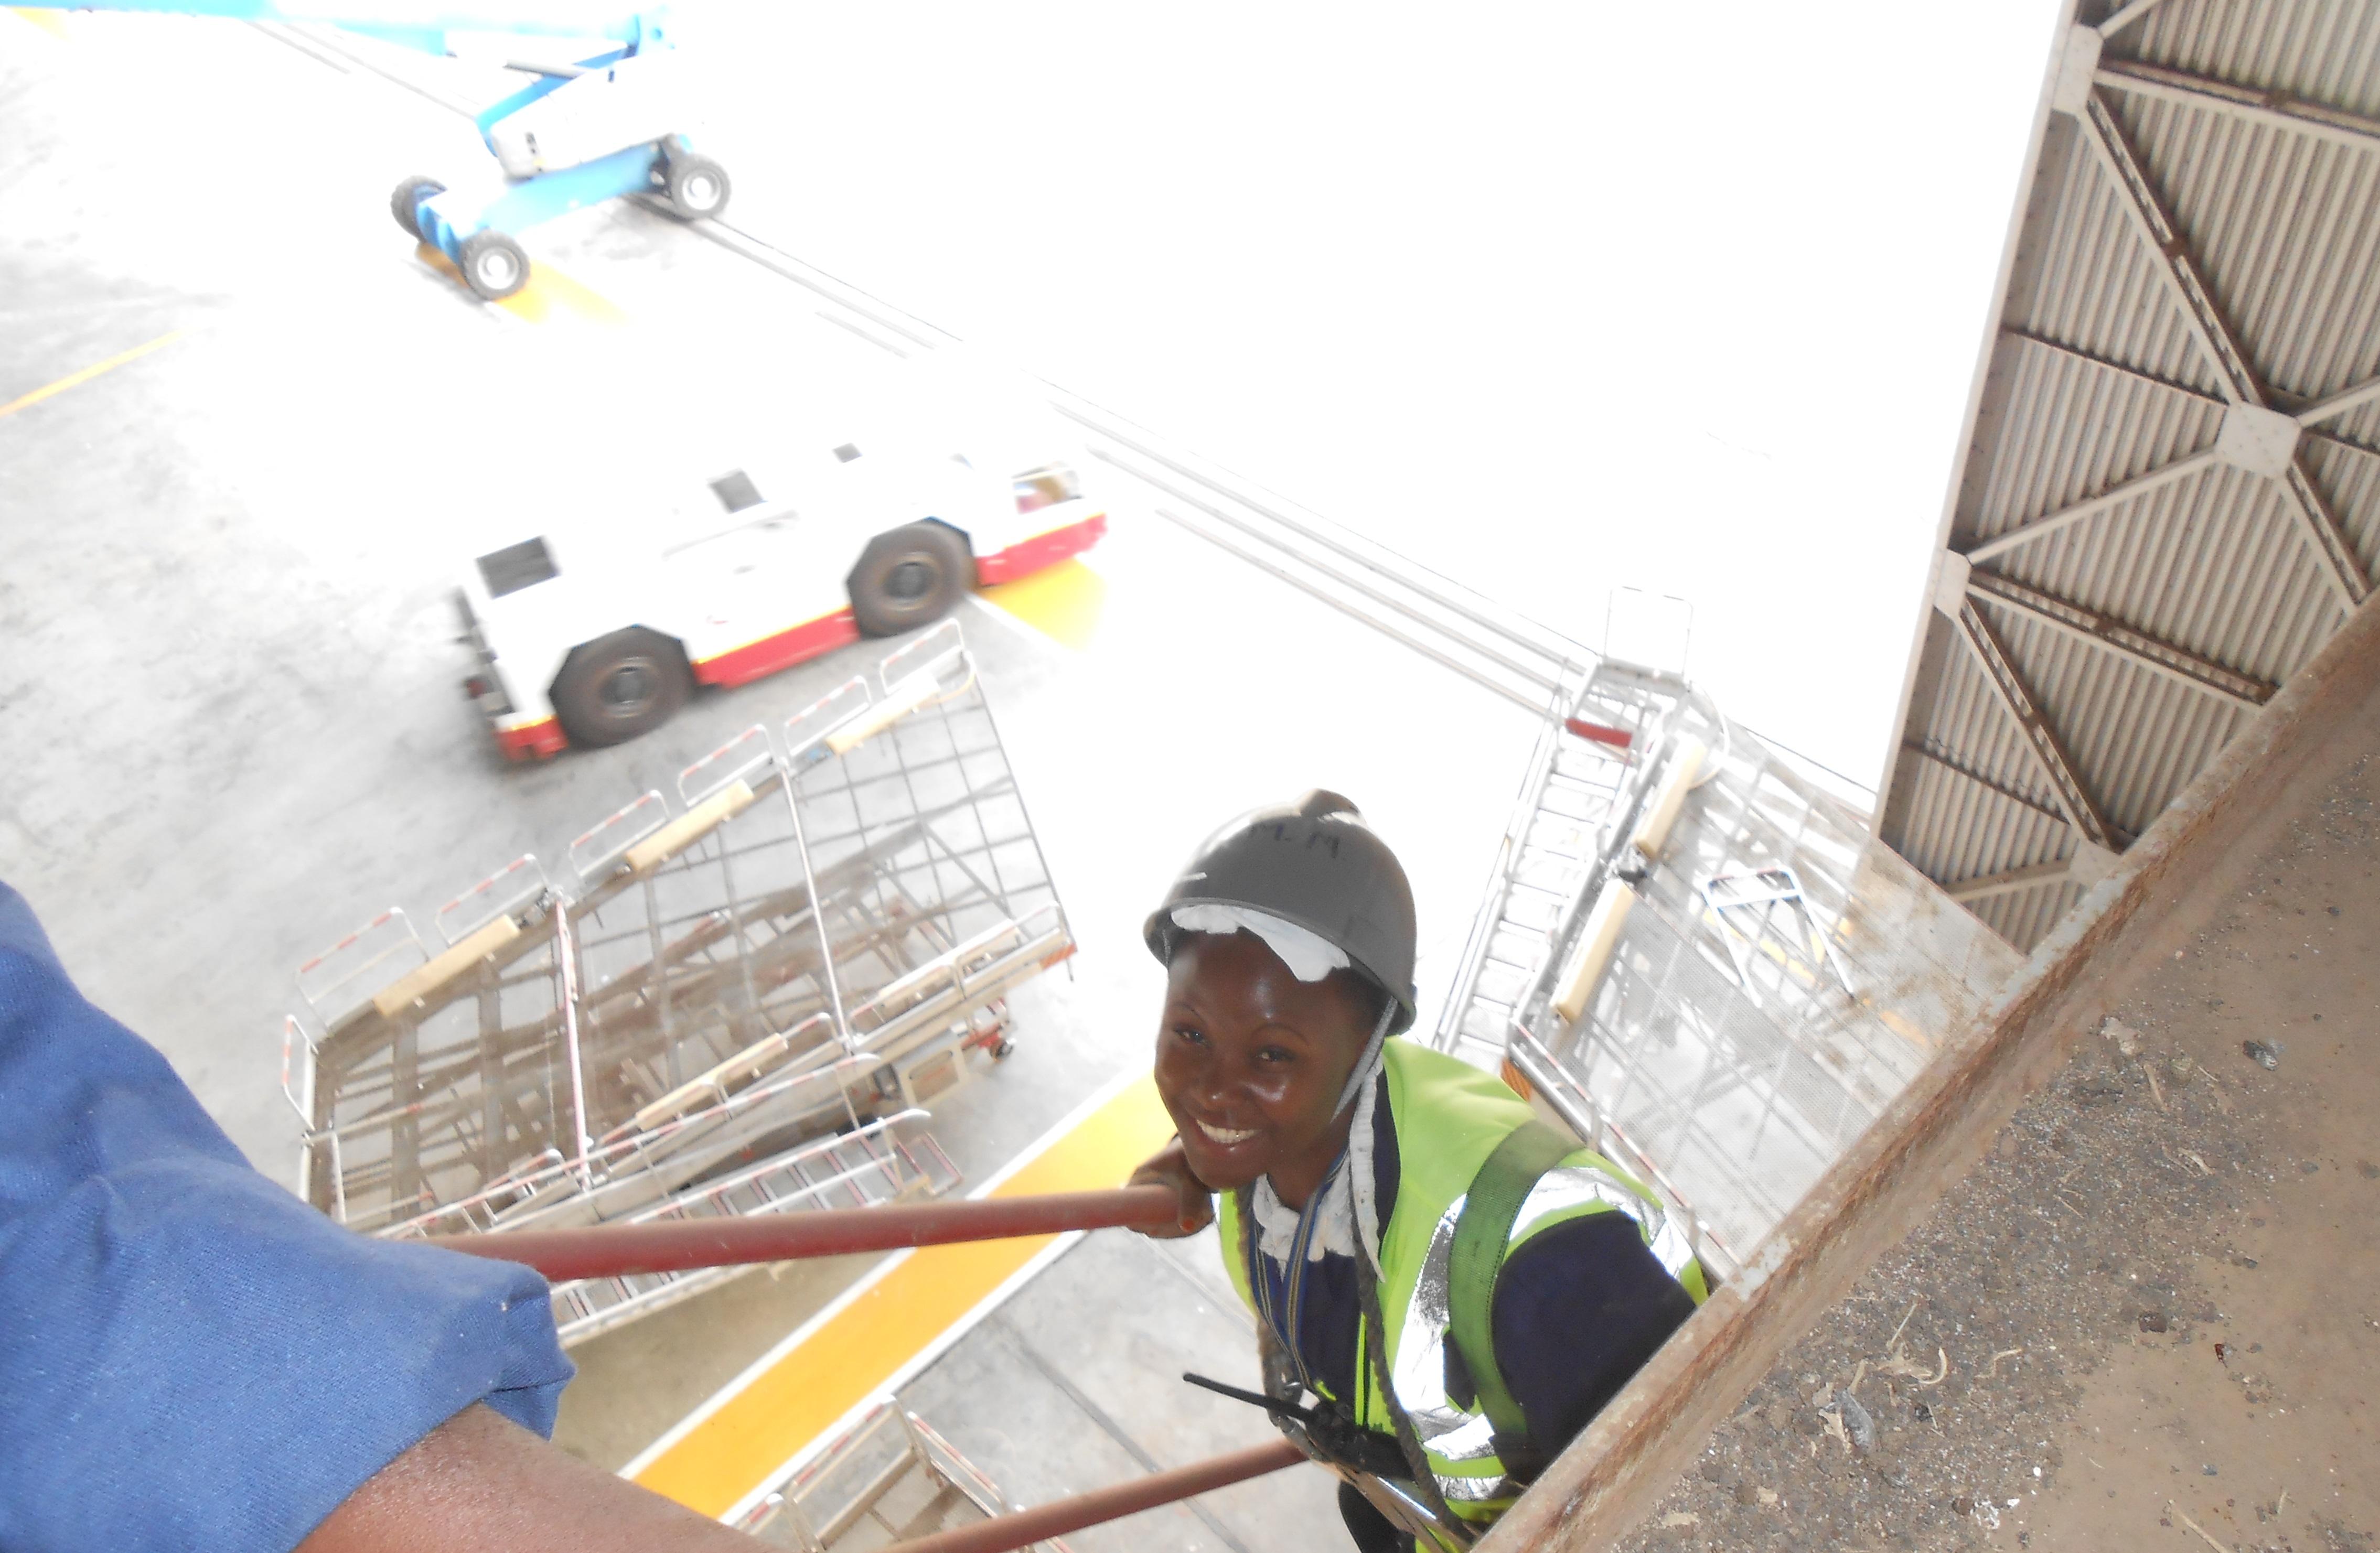 Etude De Marche Artisan Electricien métiers du bâtiment — wikipédia